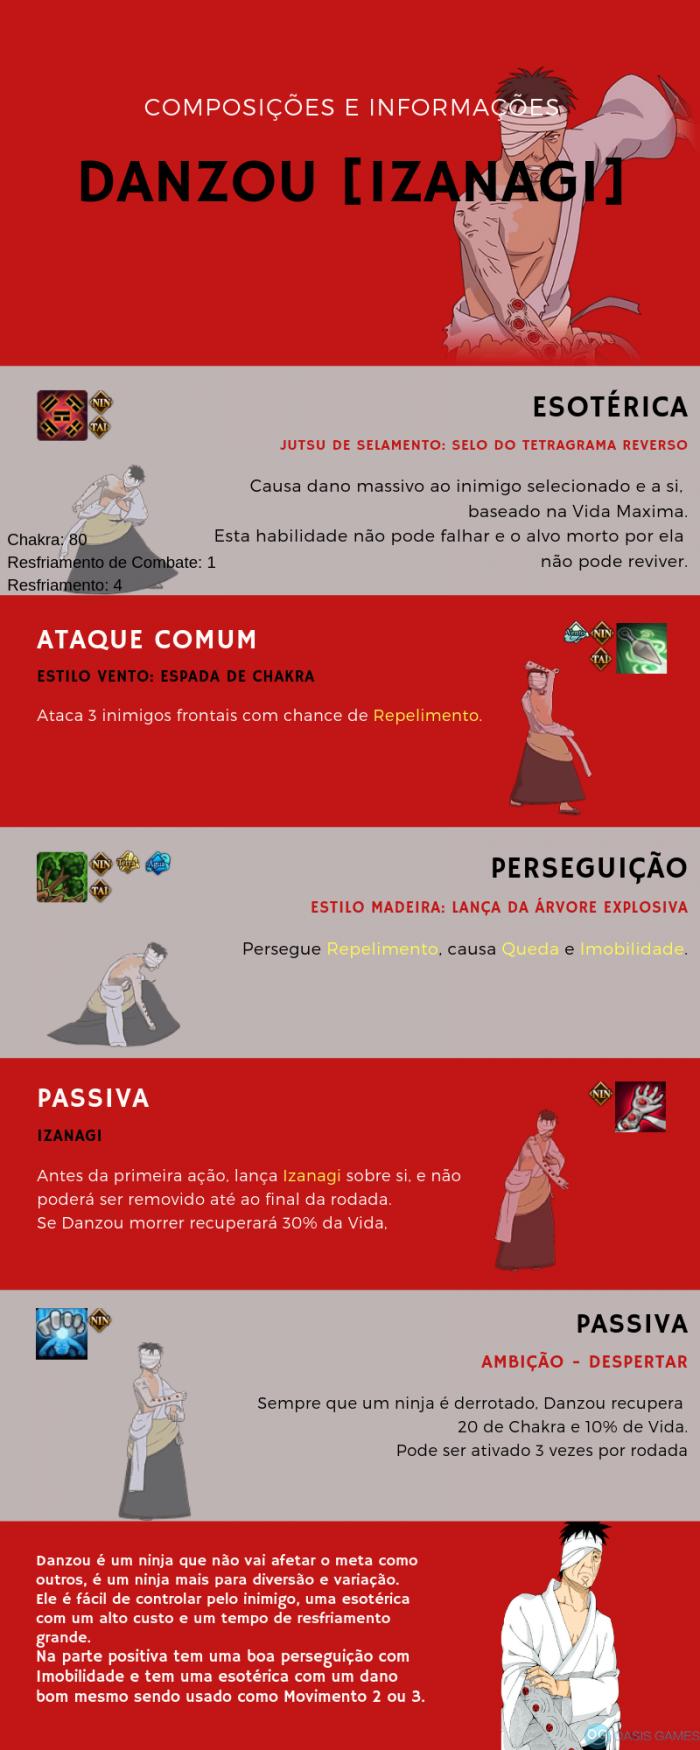 COMPOSIÇÕES E INFORMAÇÕES